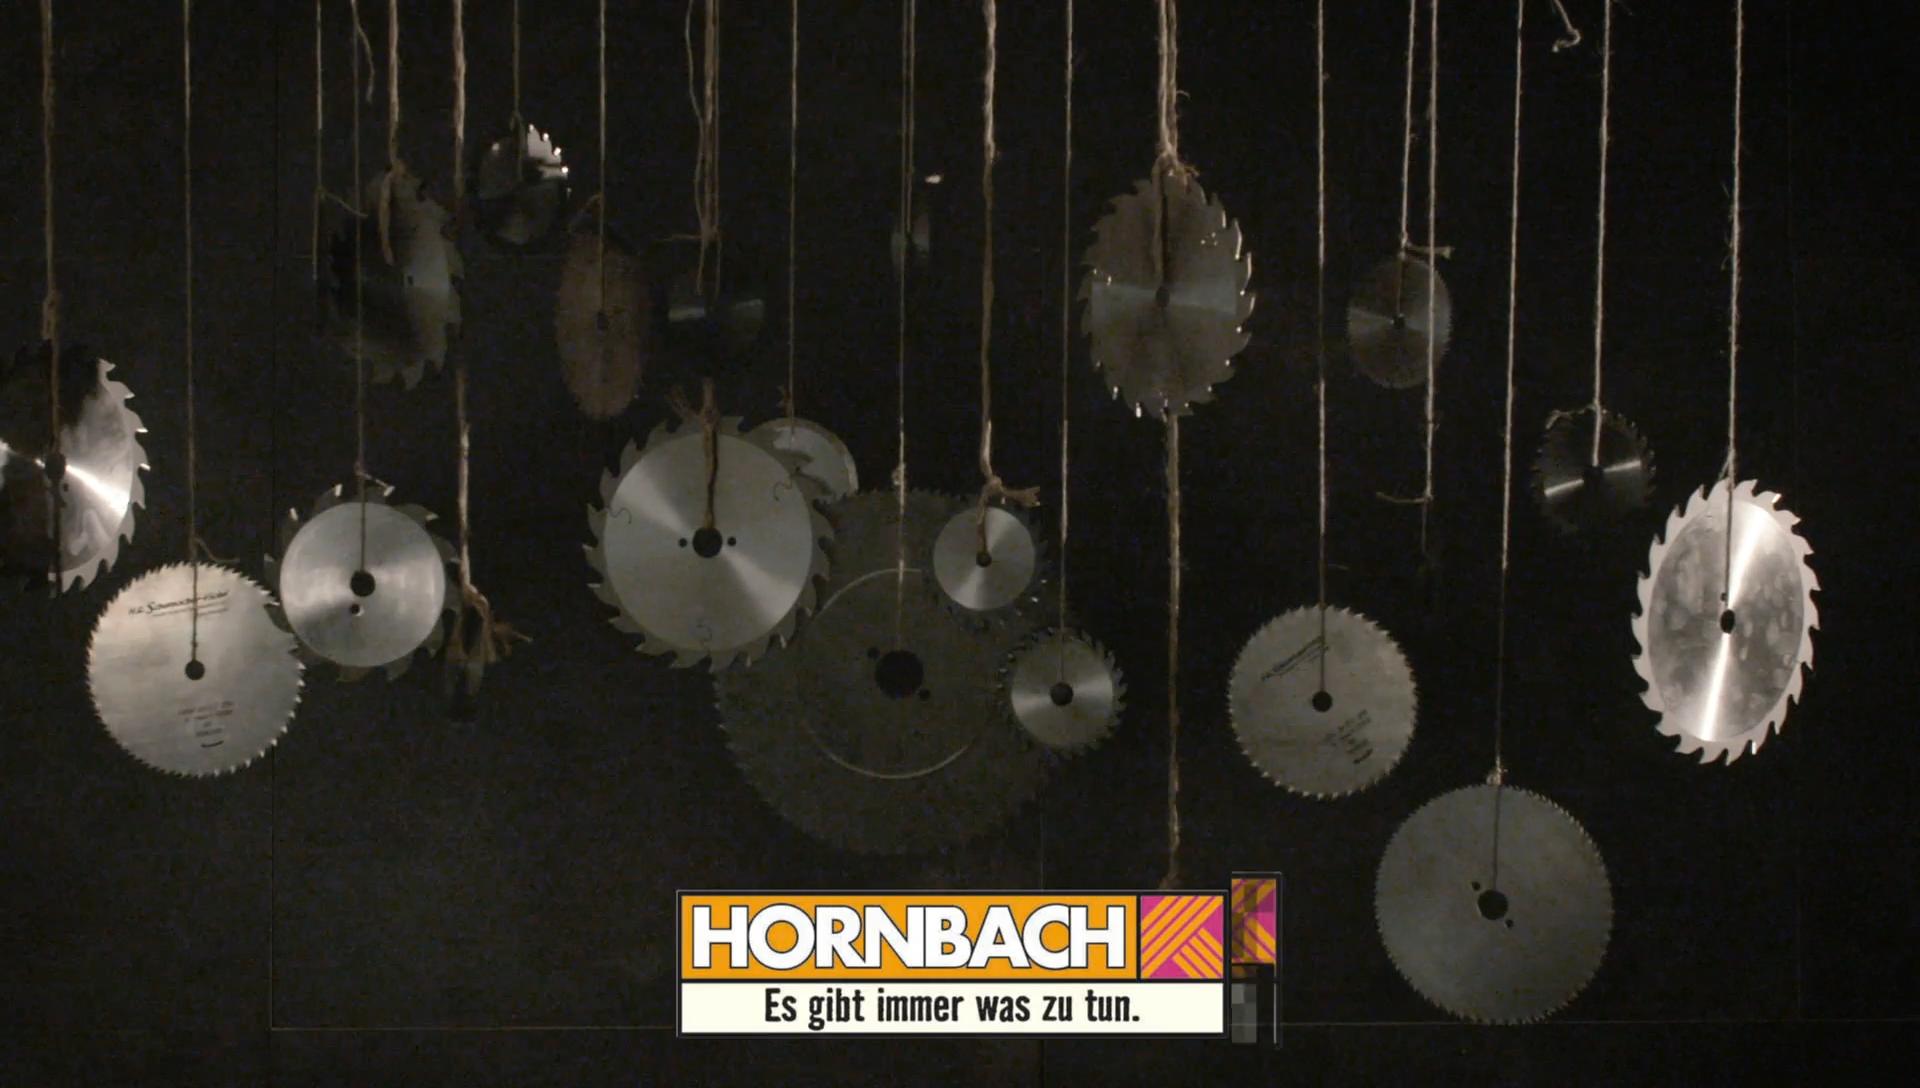 EDITUDE PICTURES Hornbach: Bereue Nichts (Kein Zurück)